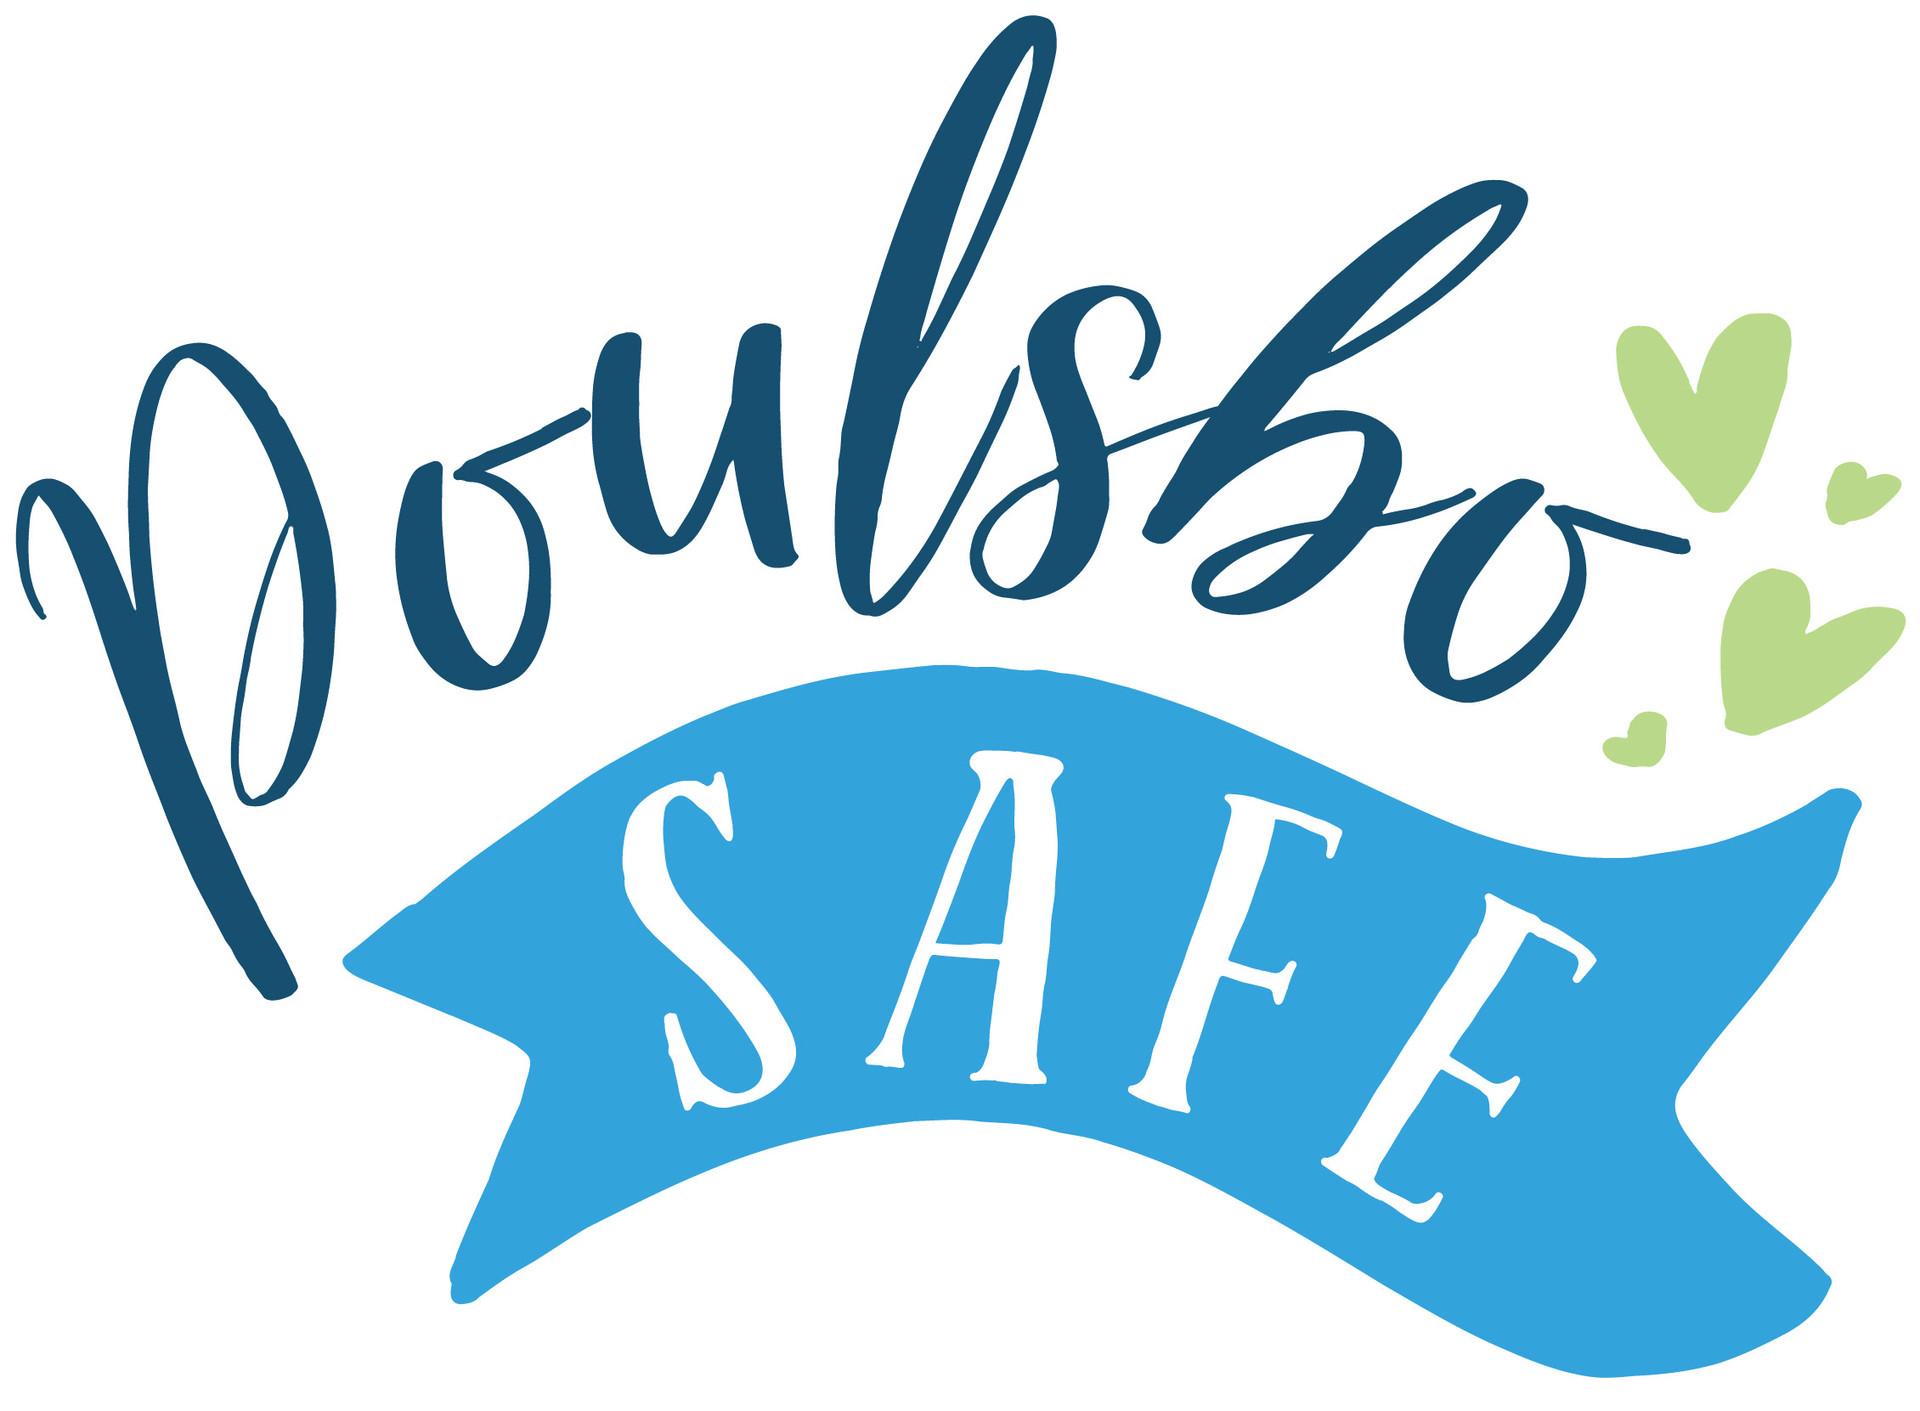 Poulsbo safe logo JPG.jpg